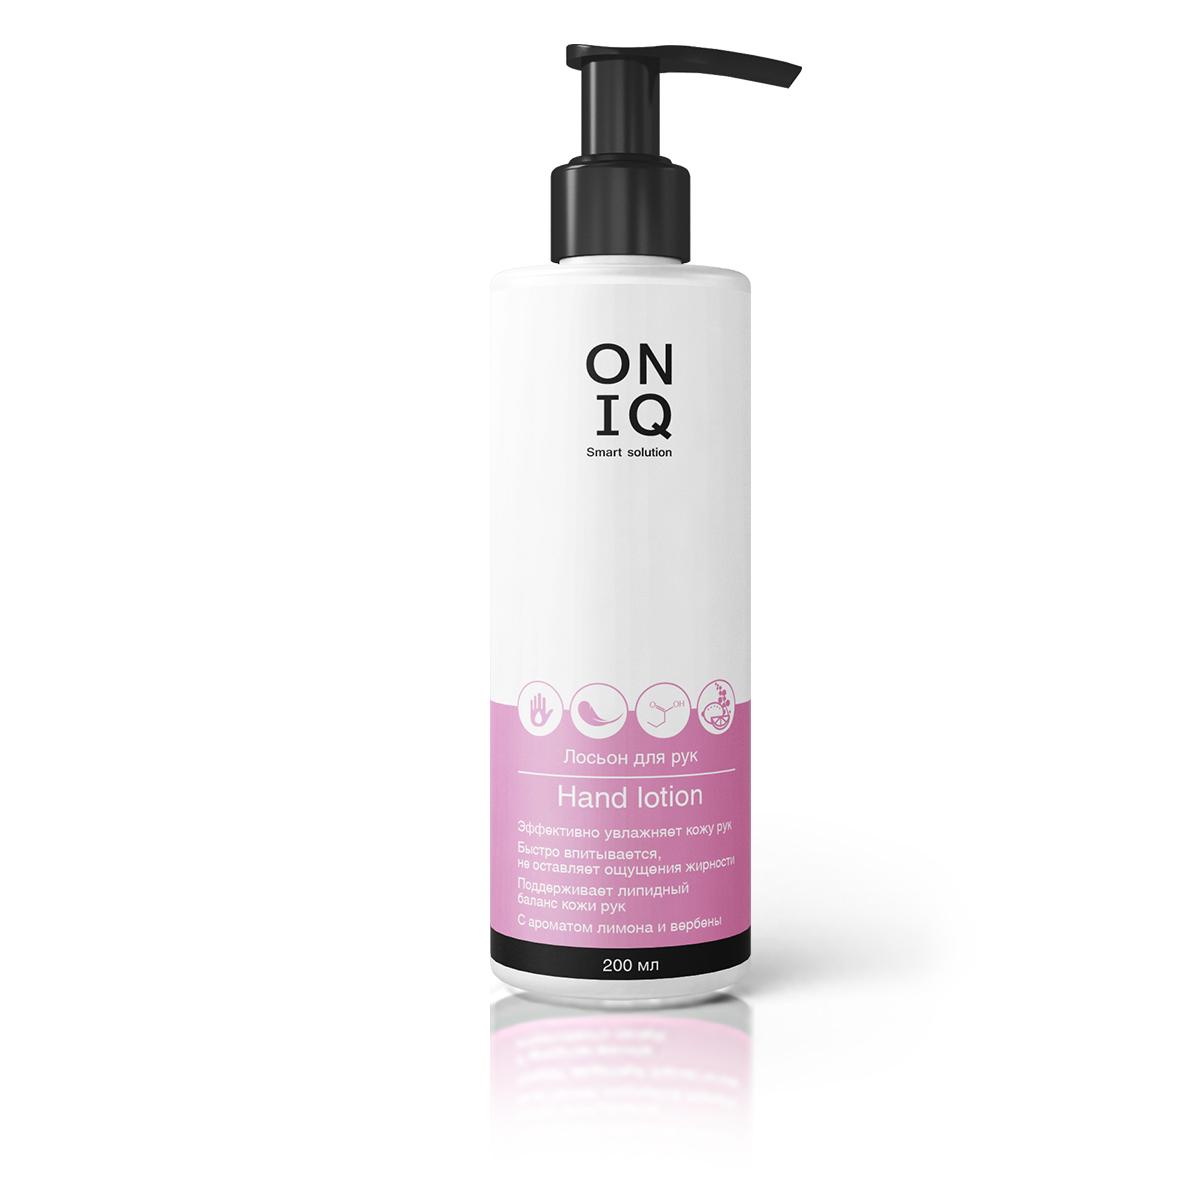 ONIQ, Лосьон для рук с ароматом лимона и вербены, 200 мл